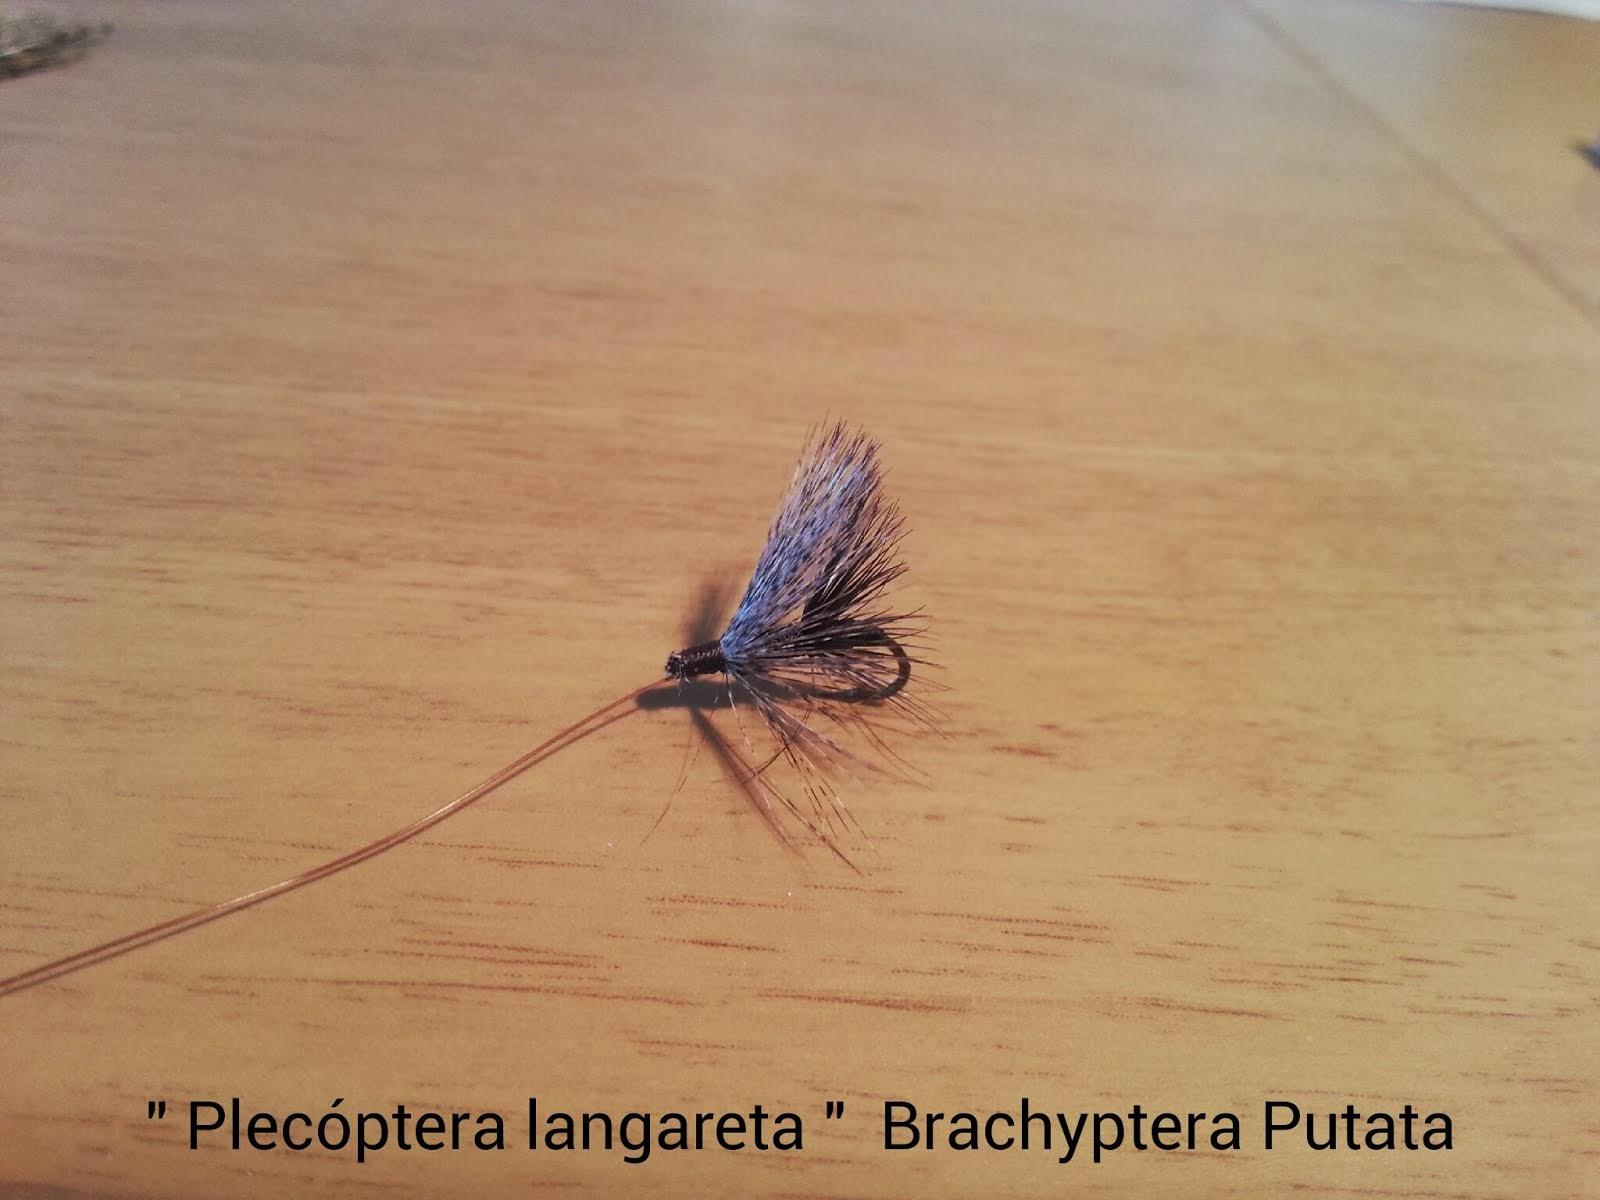 PLECÓPTERA LANGARETA